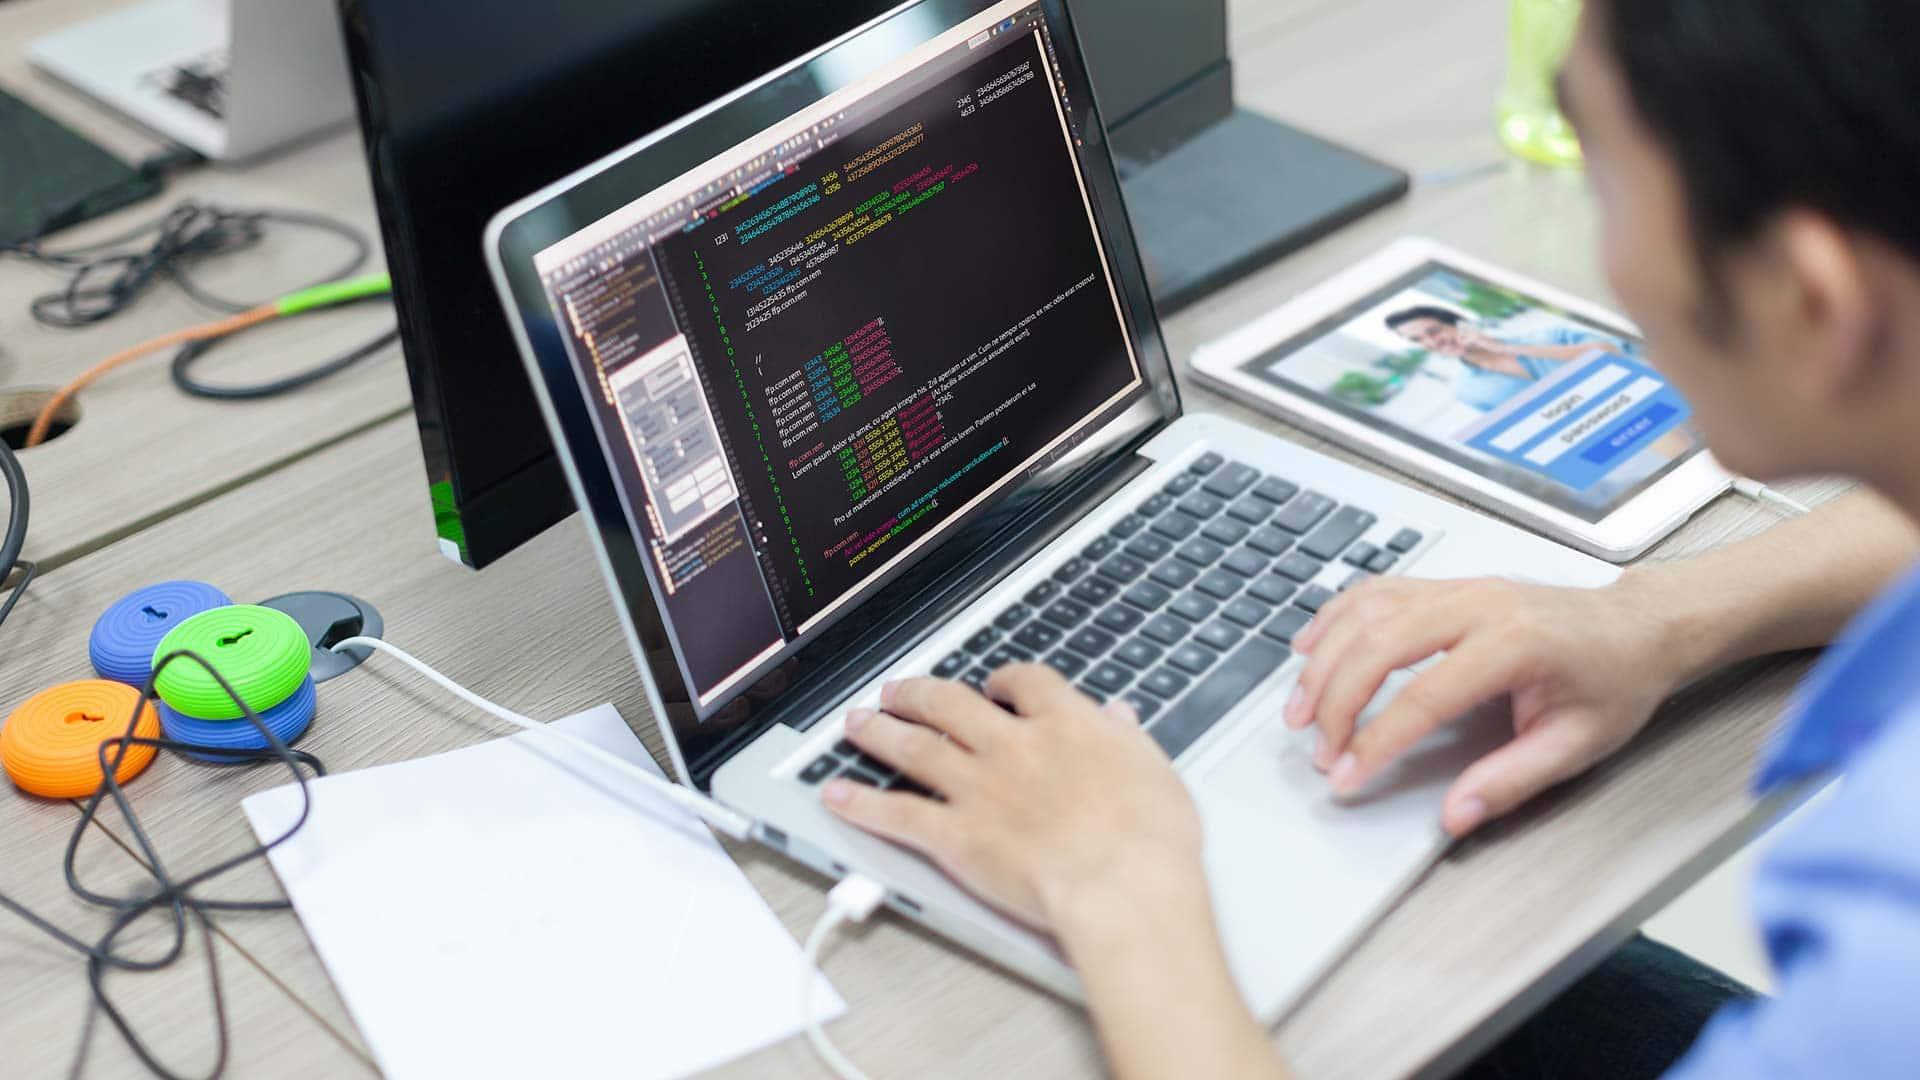 תהליך הקמת סטארט אפ טכנולוגי